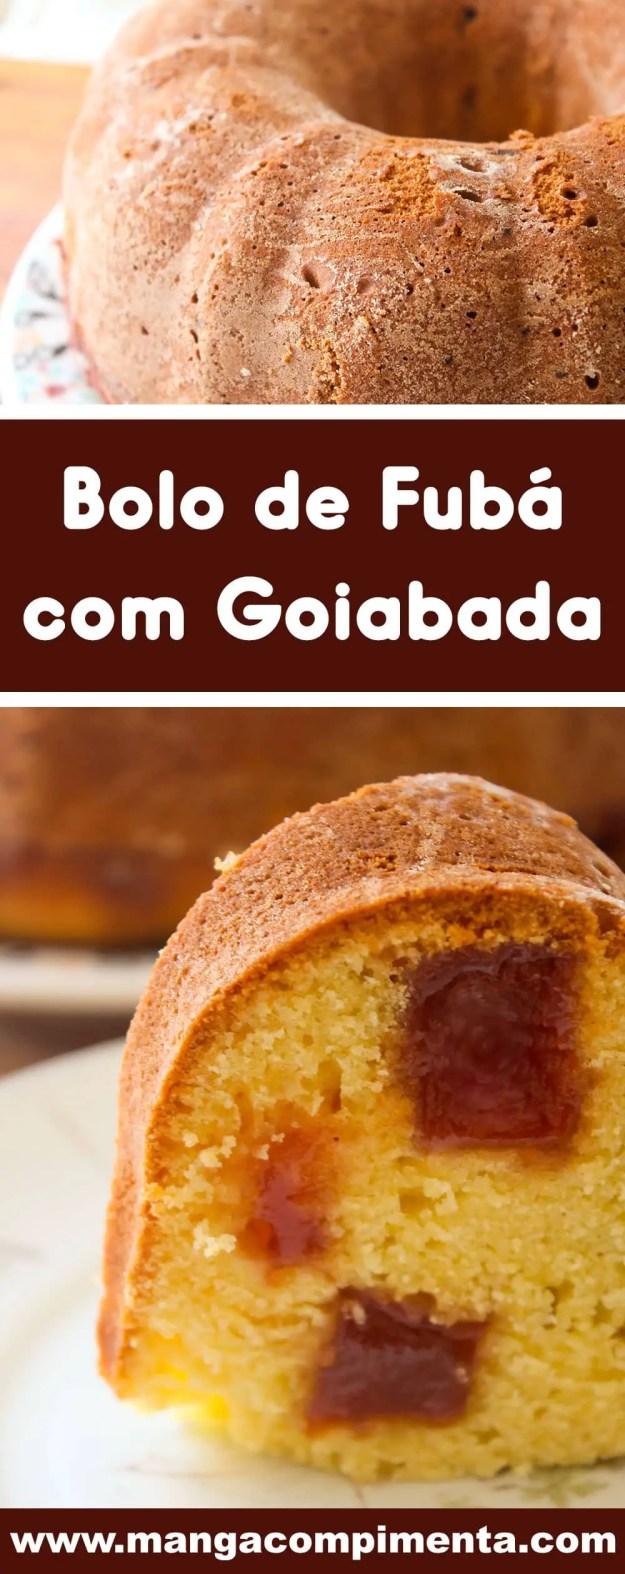 Receita de Bolo de Fubá com Goiabada - um bolo gostoso para o lanche da tarde da família.